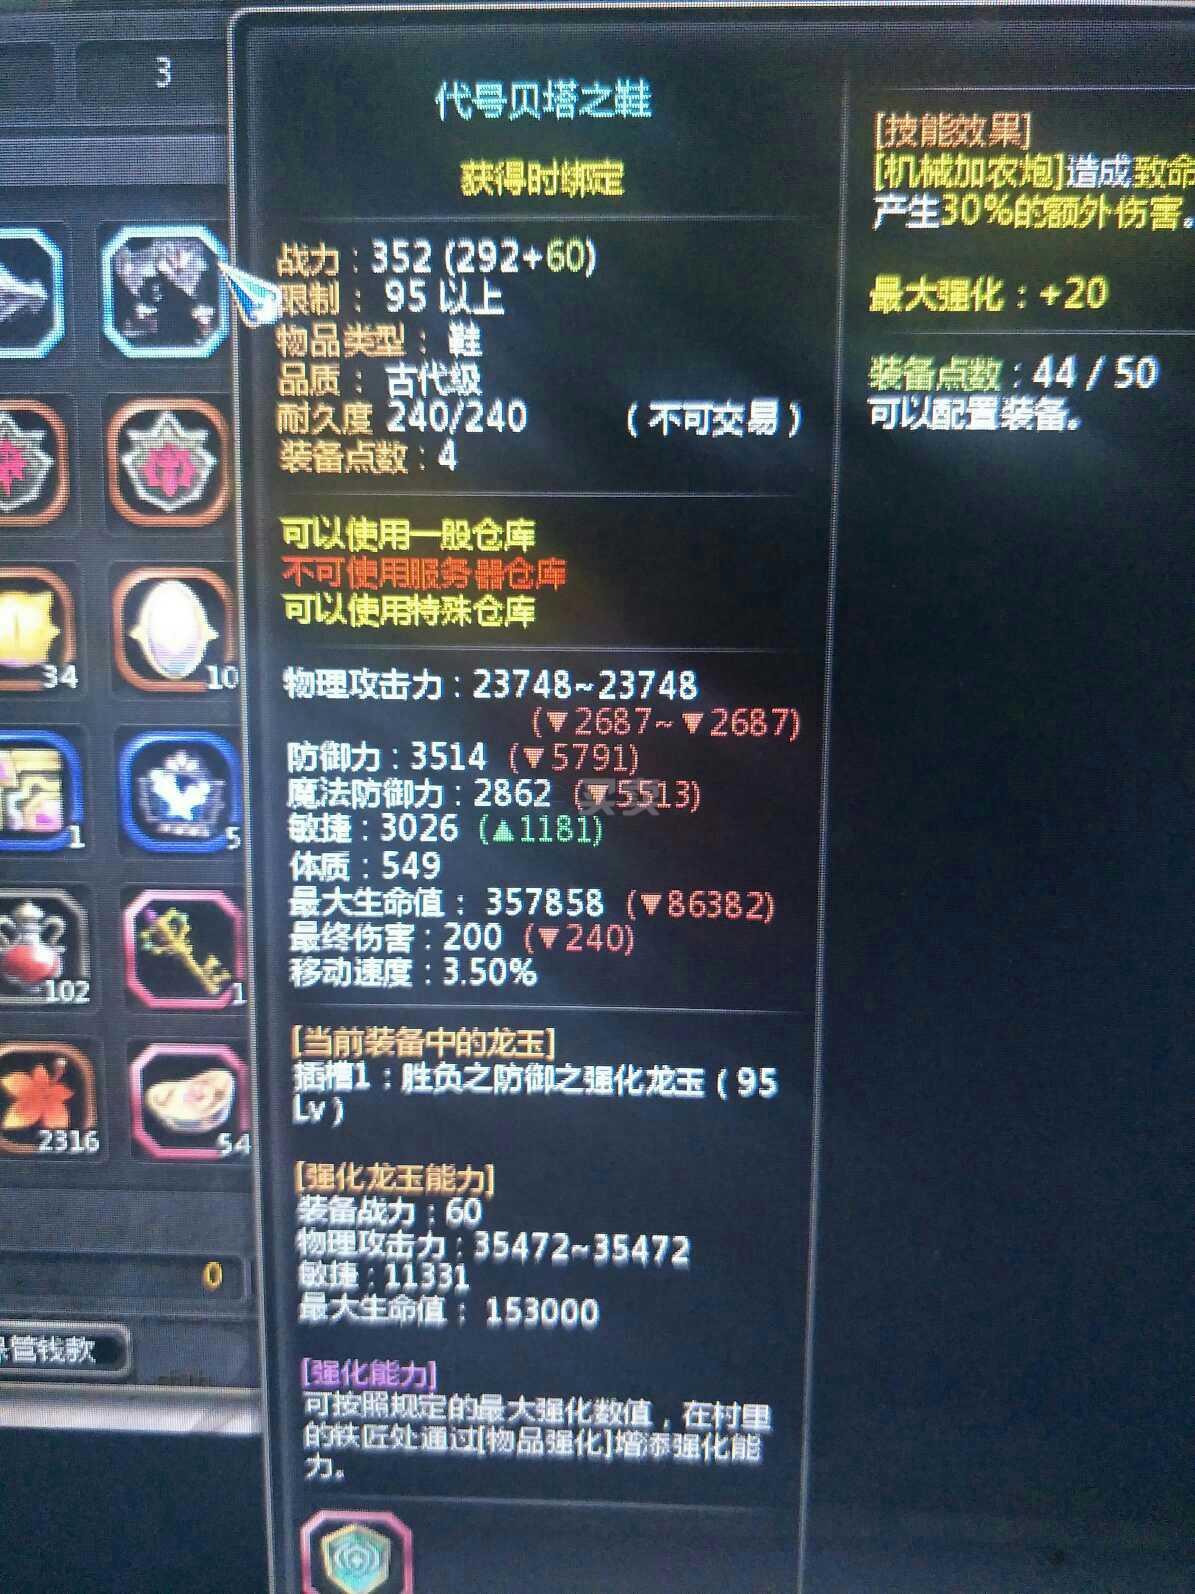 盗号qq图片_龙之谷账号交易平台-G买卖-[药剂师95]黑龙2.0 六千五潘多拉点